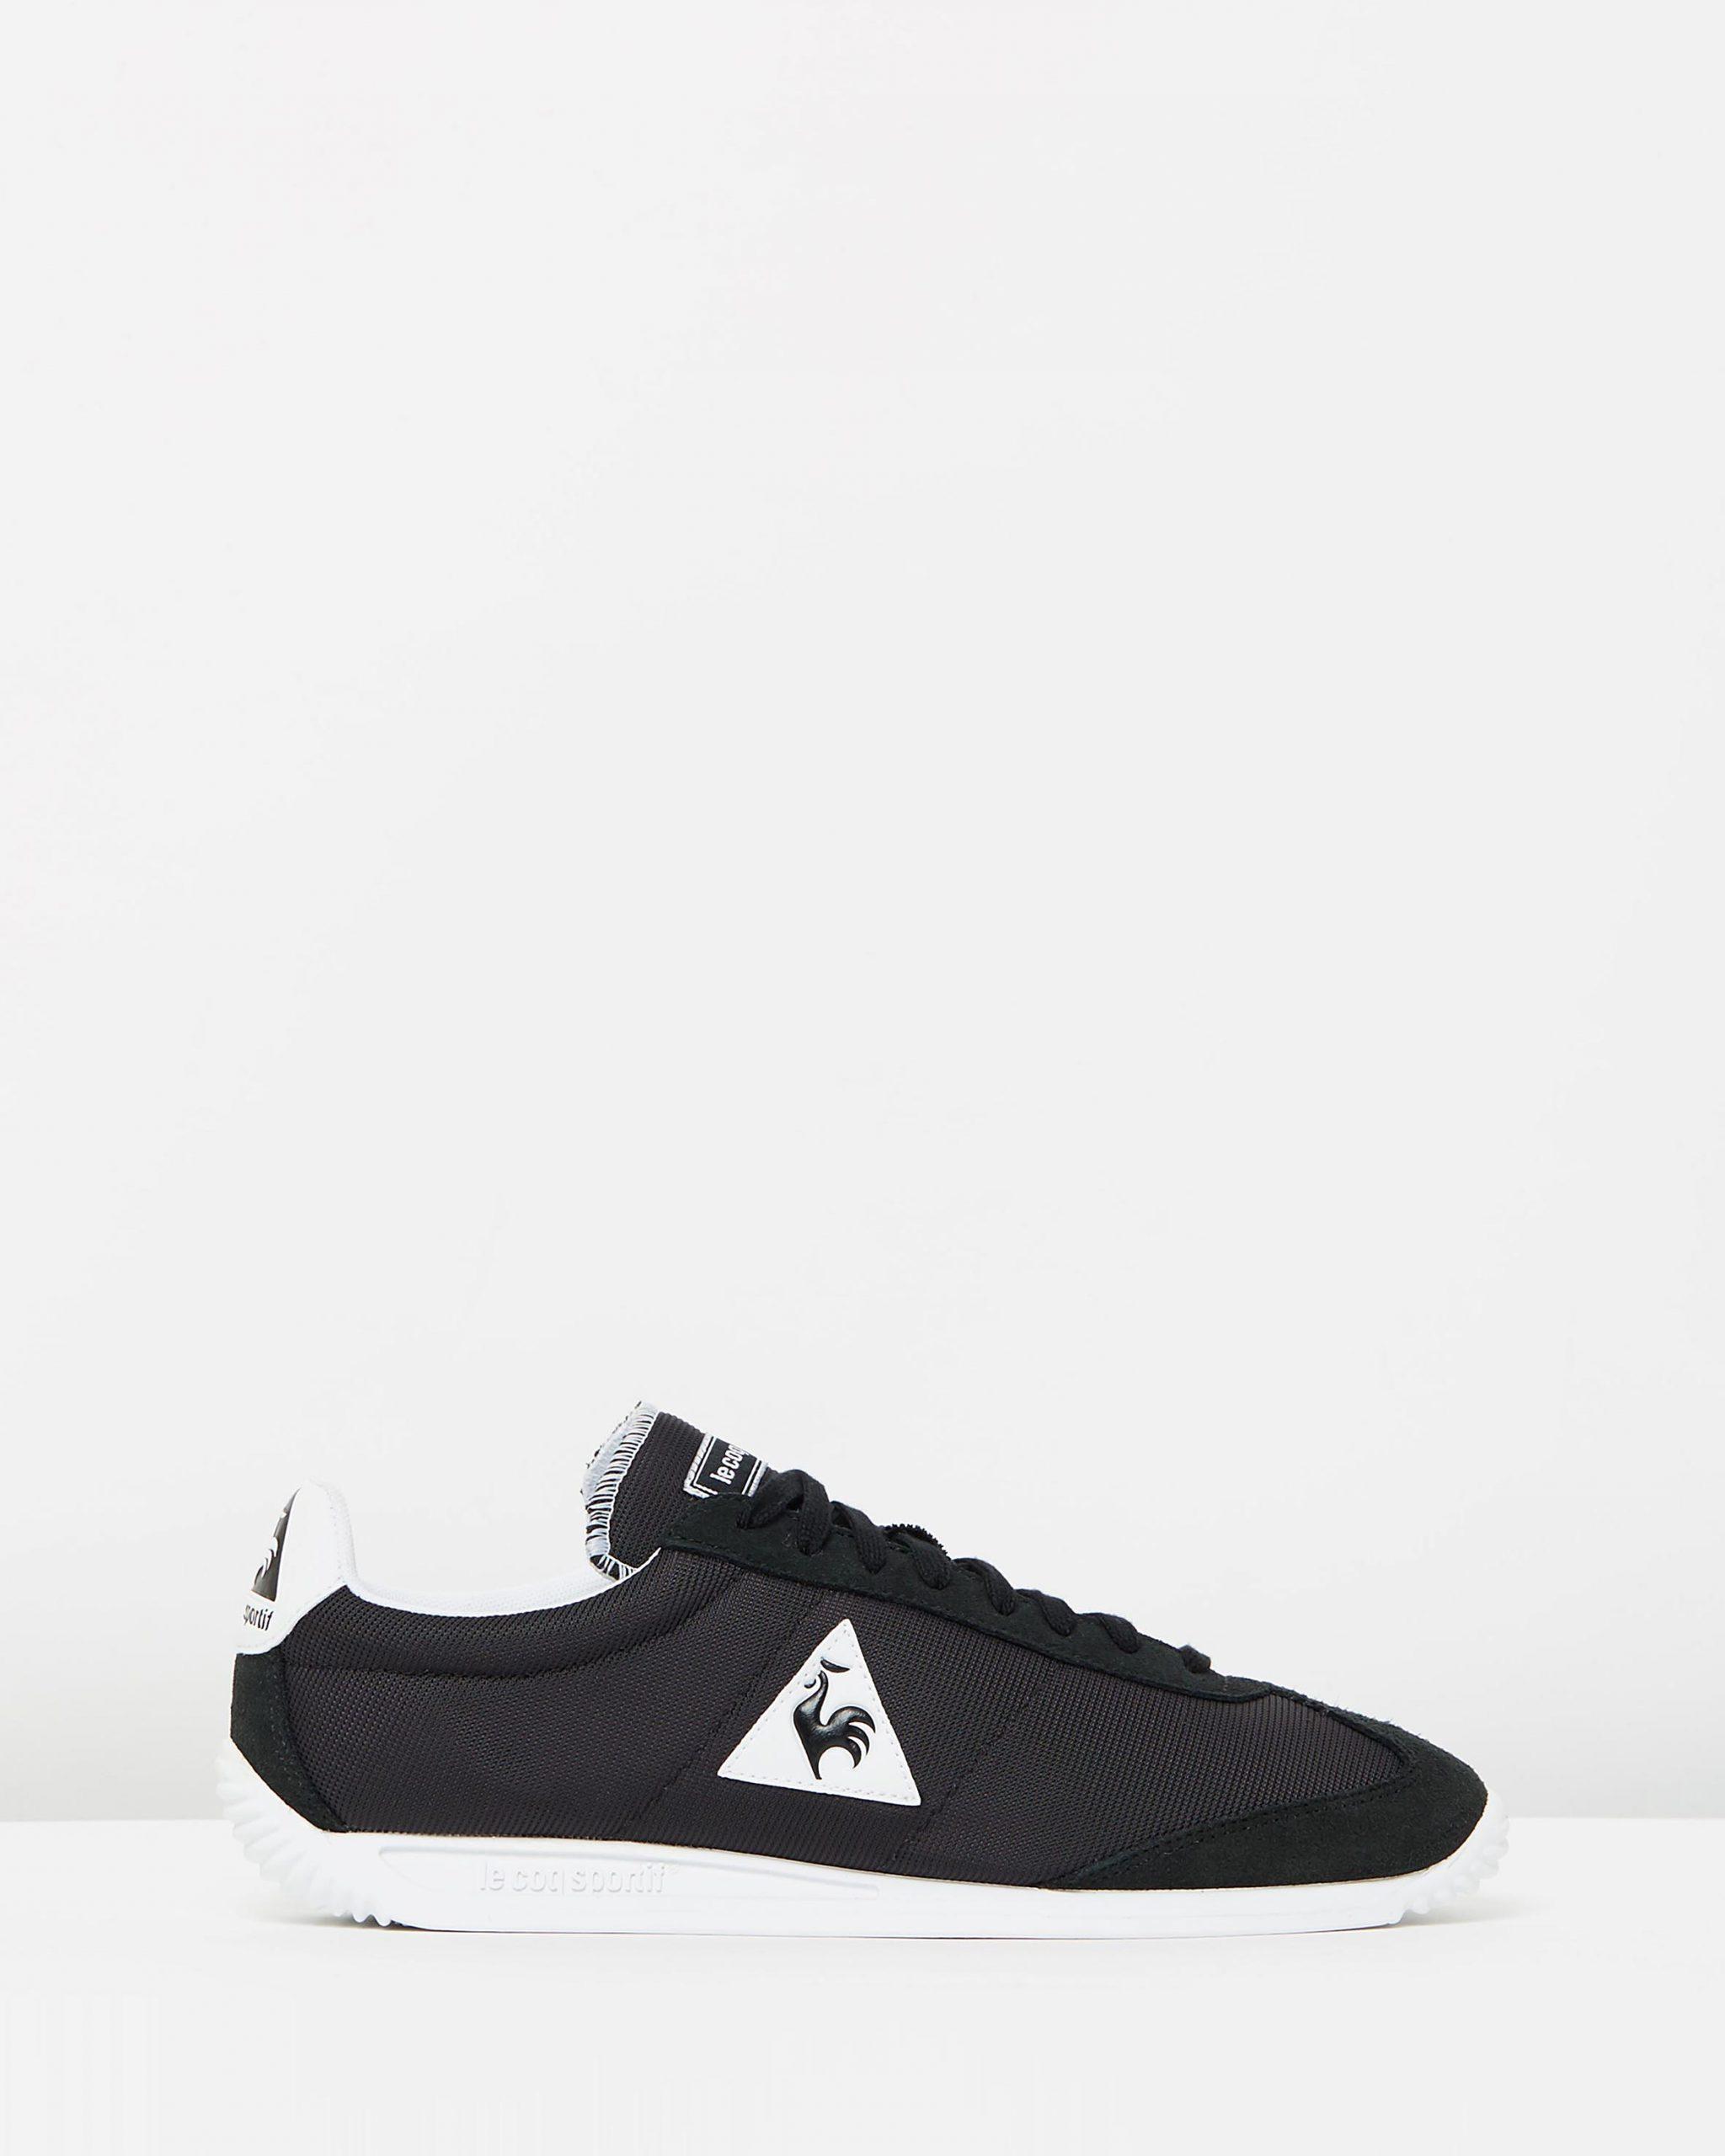 Le Coq Sportif Quartz Nylon Sneakers In Black